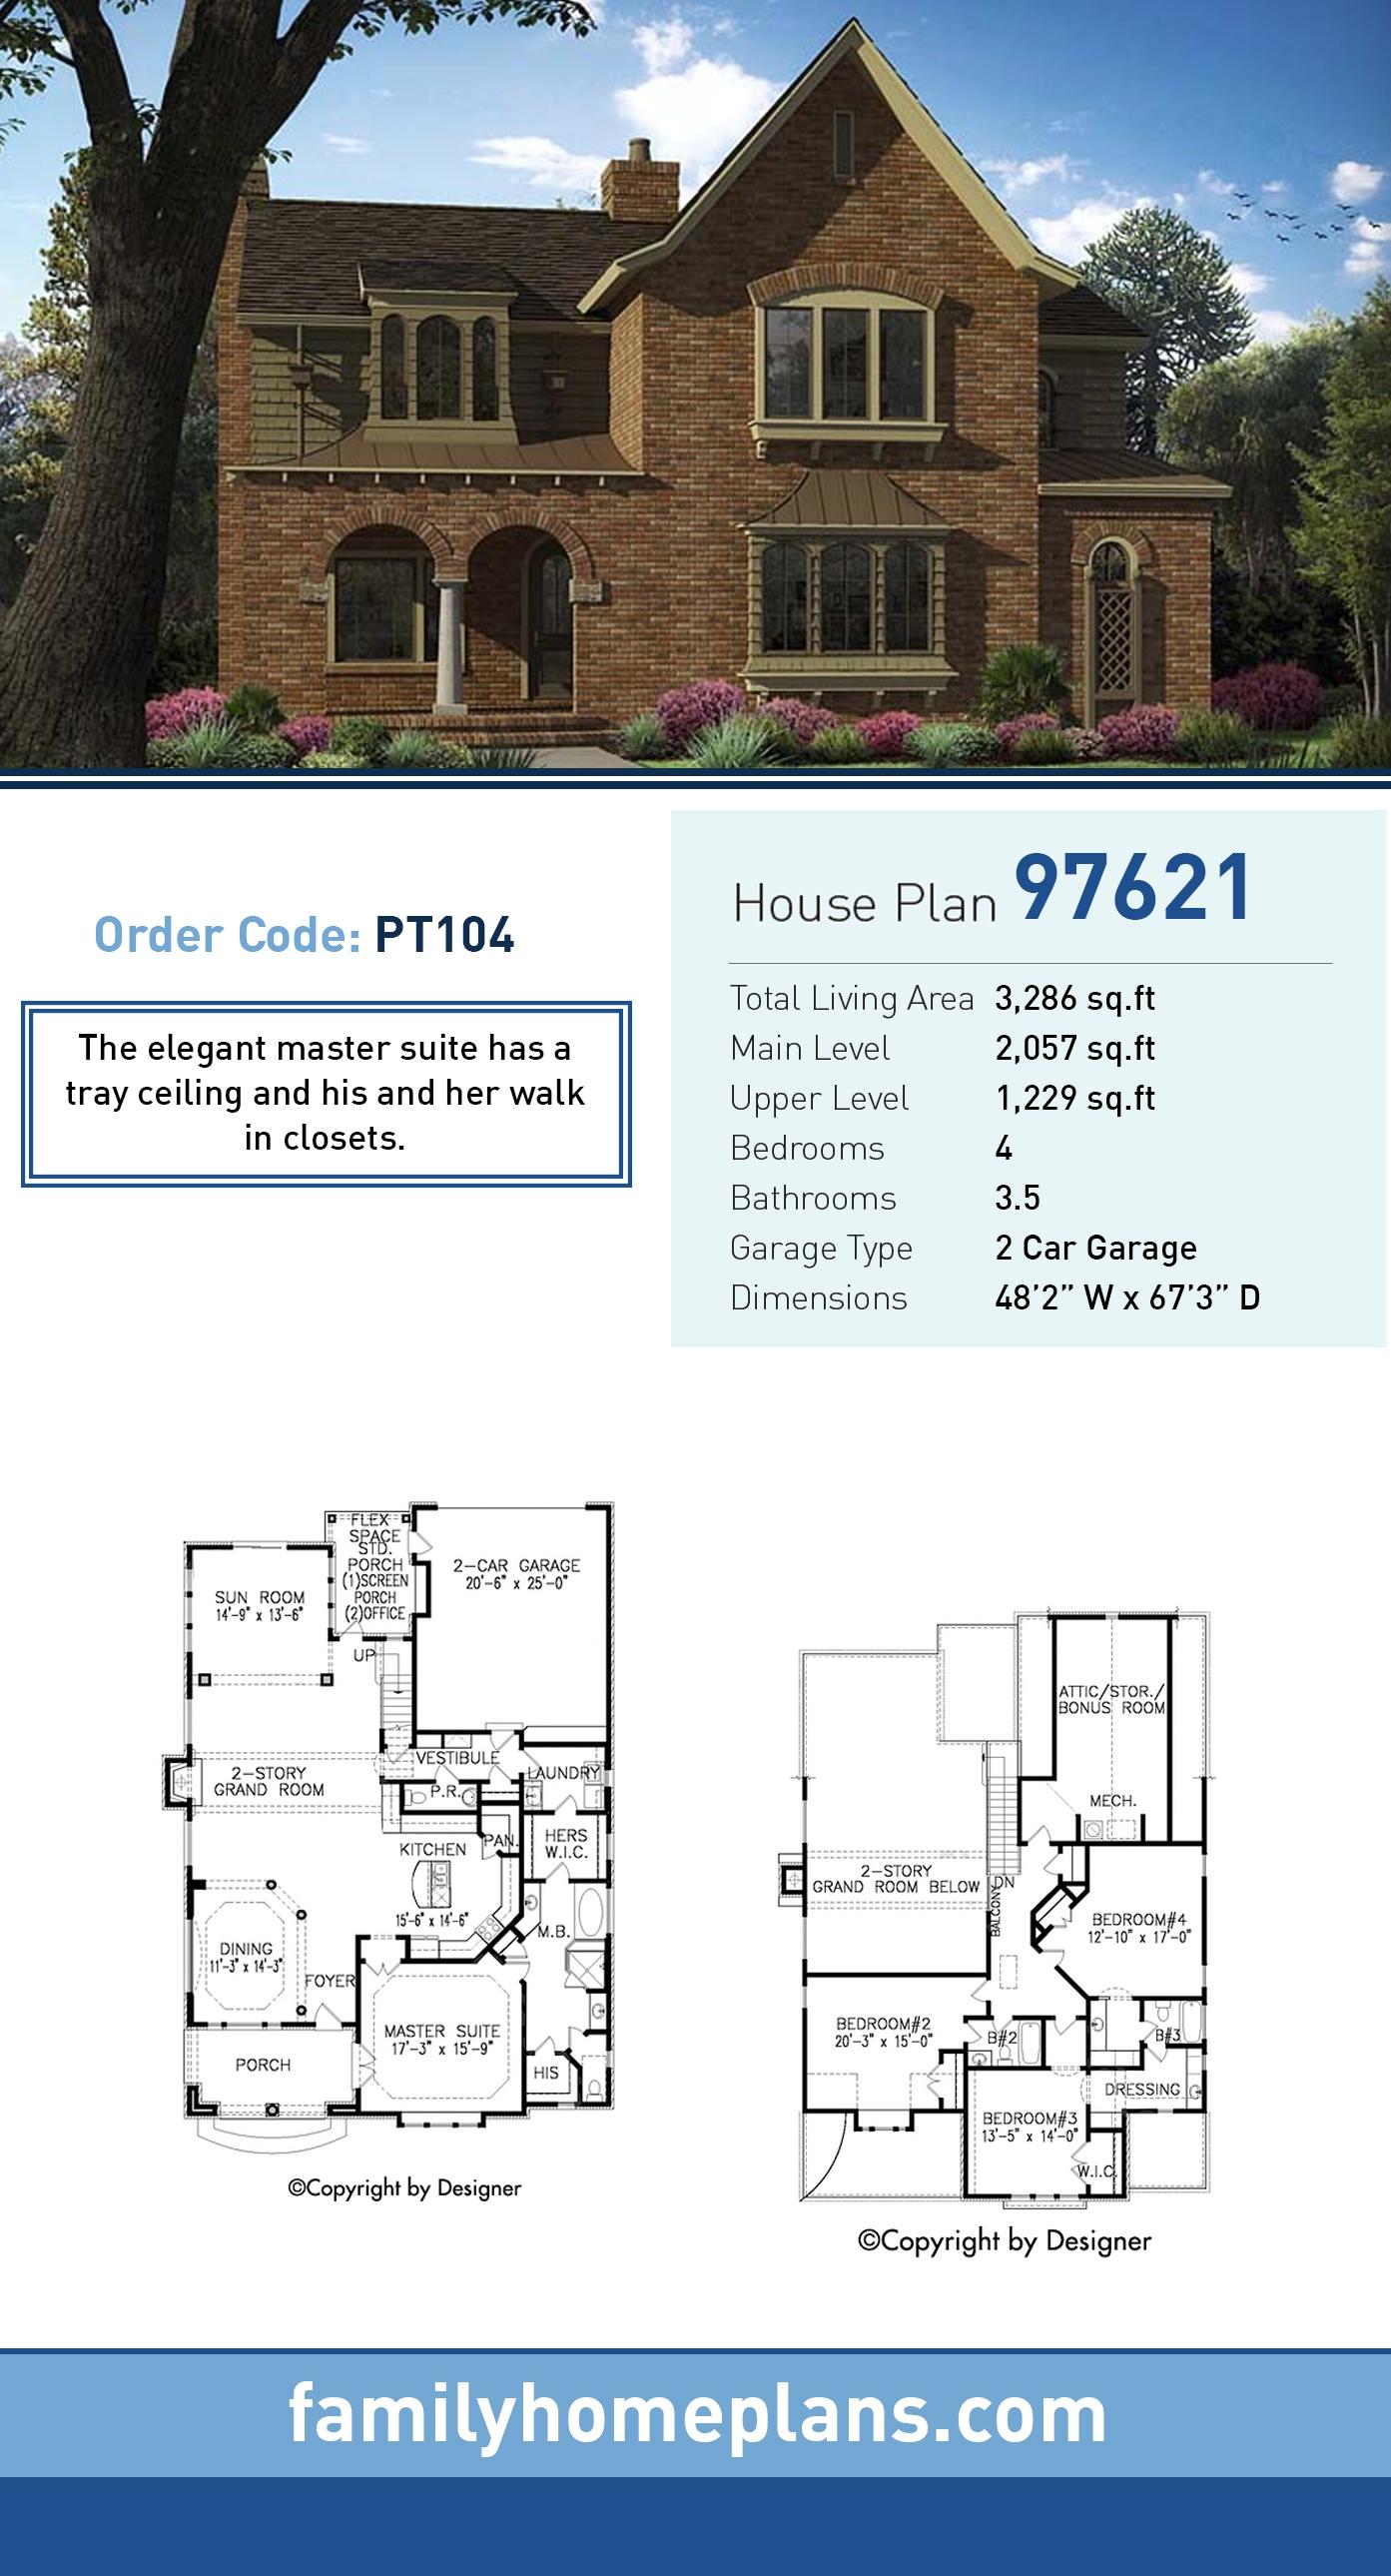 European, Tudor House Plan 97621 with 4 Beds, 4 Baths, 2 Car Garage